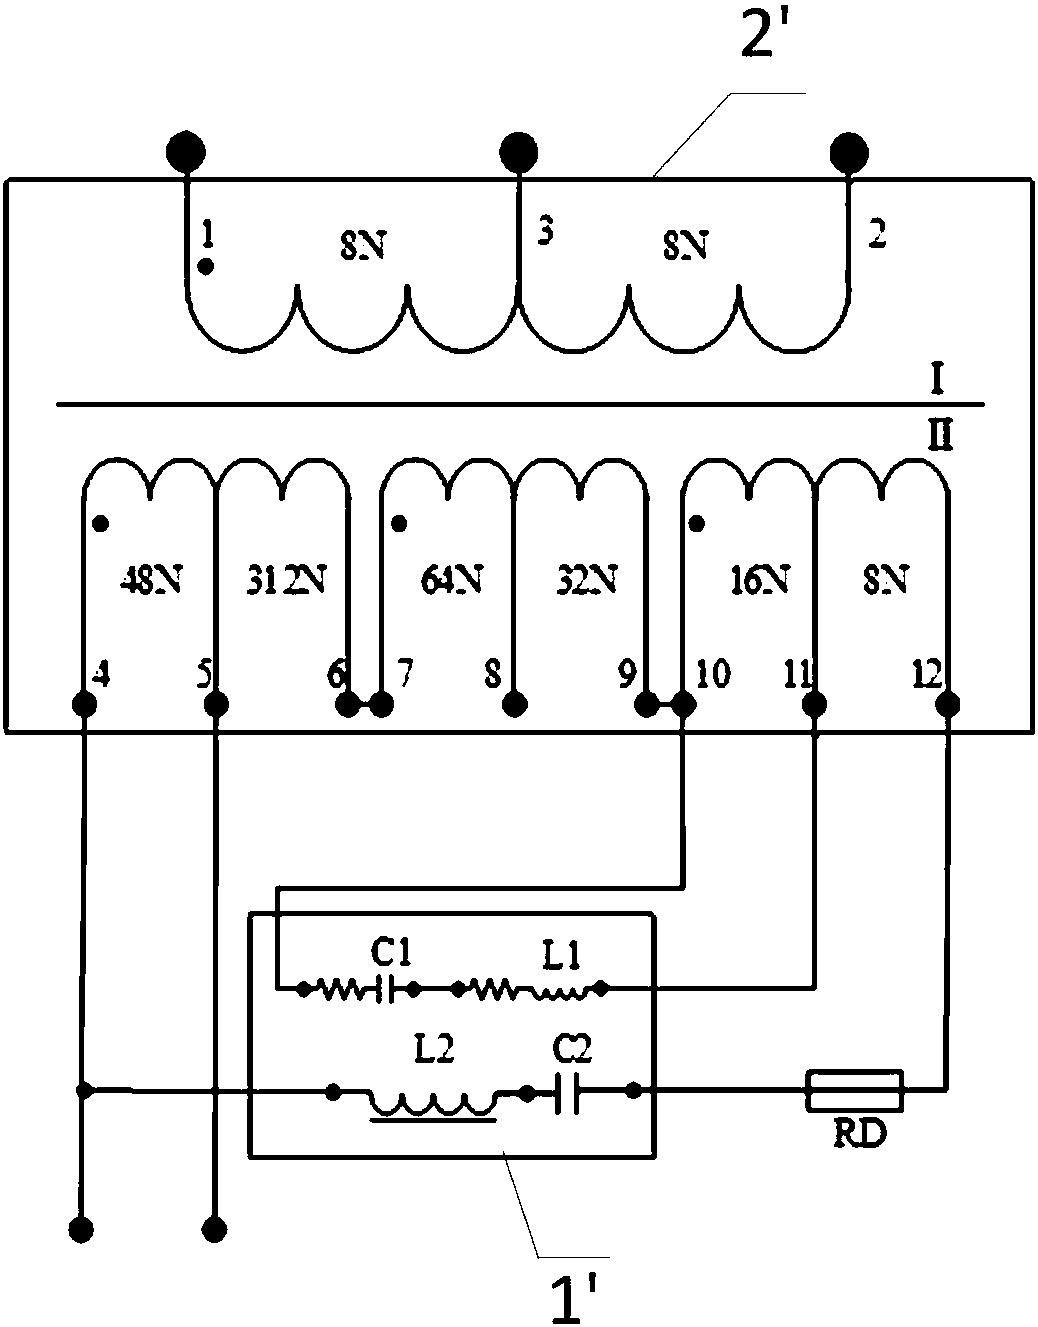 公开(公告)日 1970-01-01 发明名称 一种适配器,抑制轨道电路谐波的装